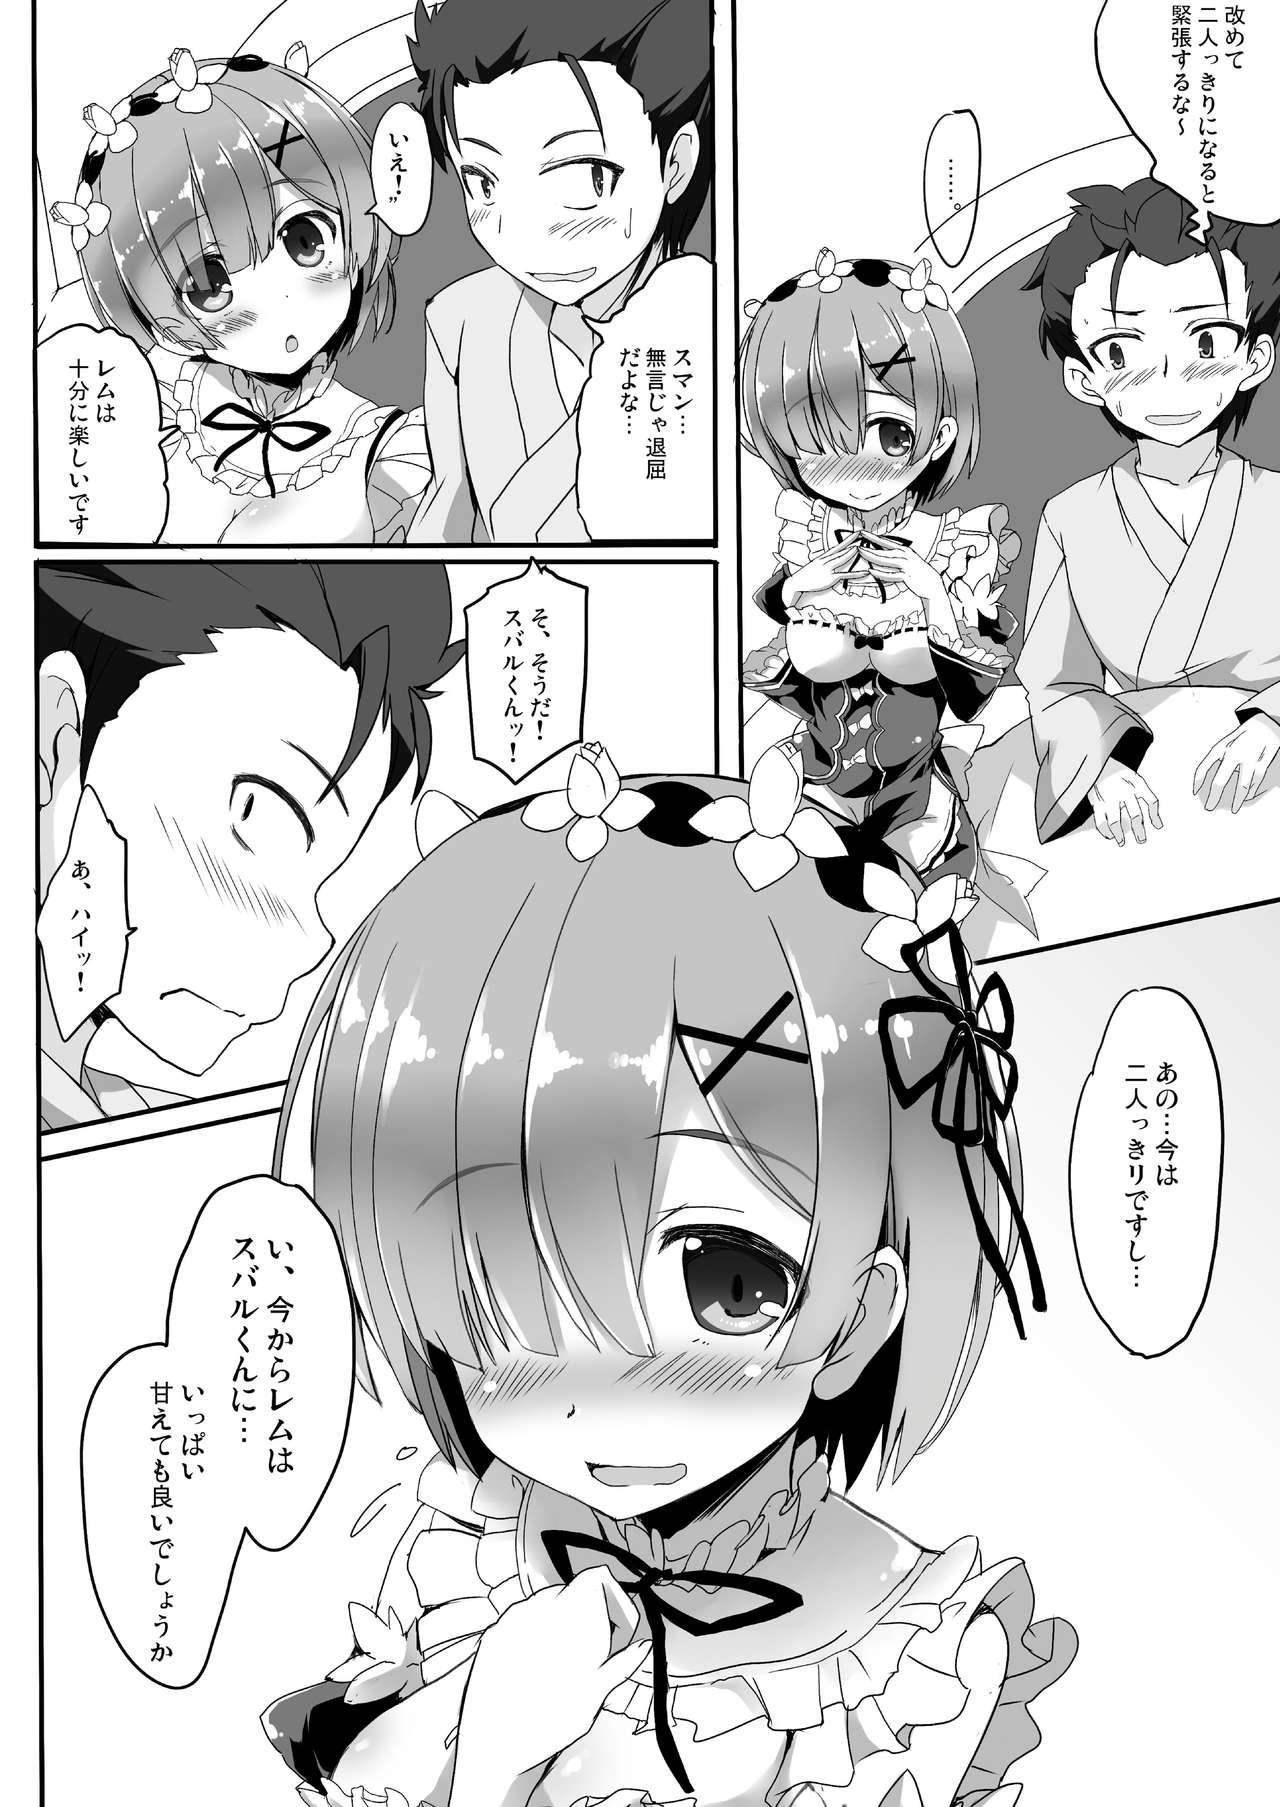 Kokoro ga Sasu Basho to Kuchiguse Soshite Kimi ga Iru 4